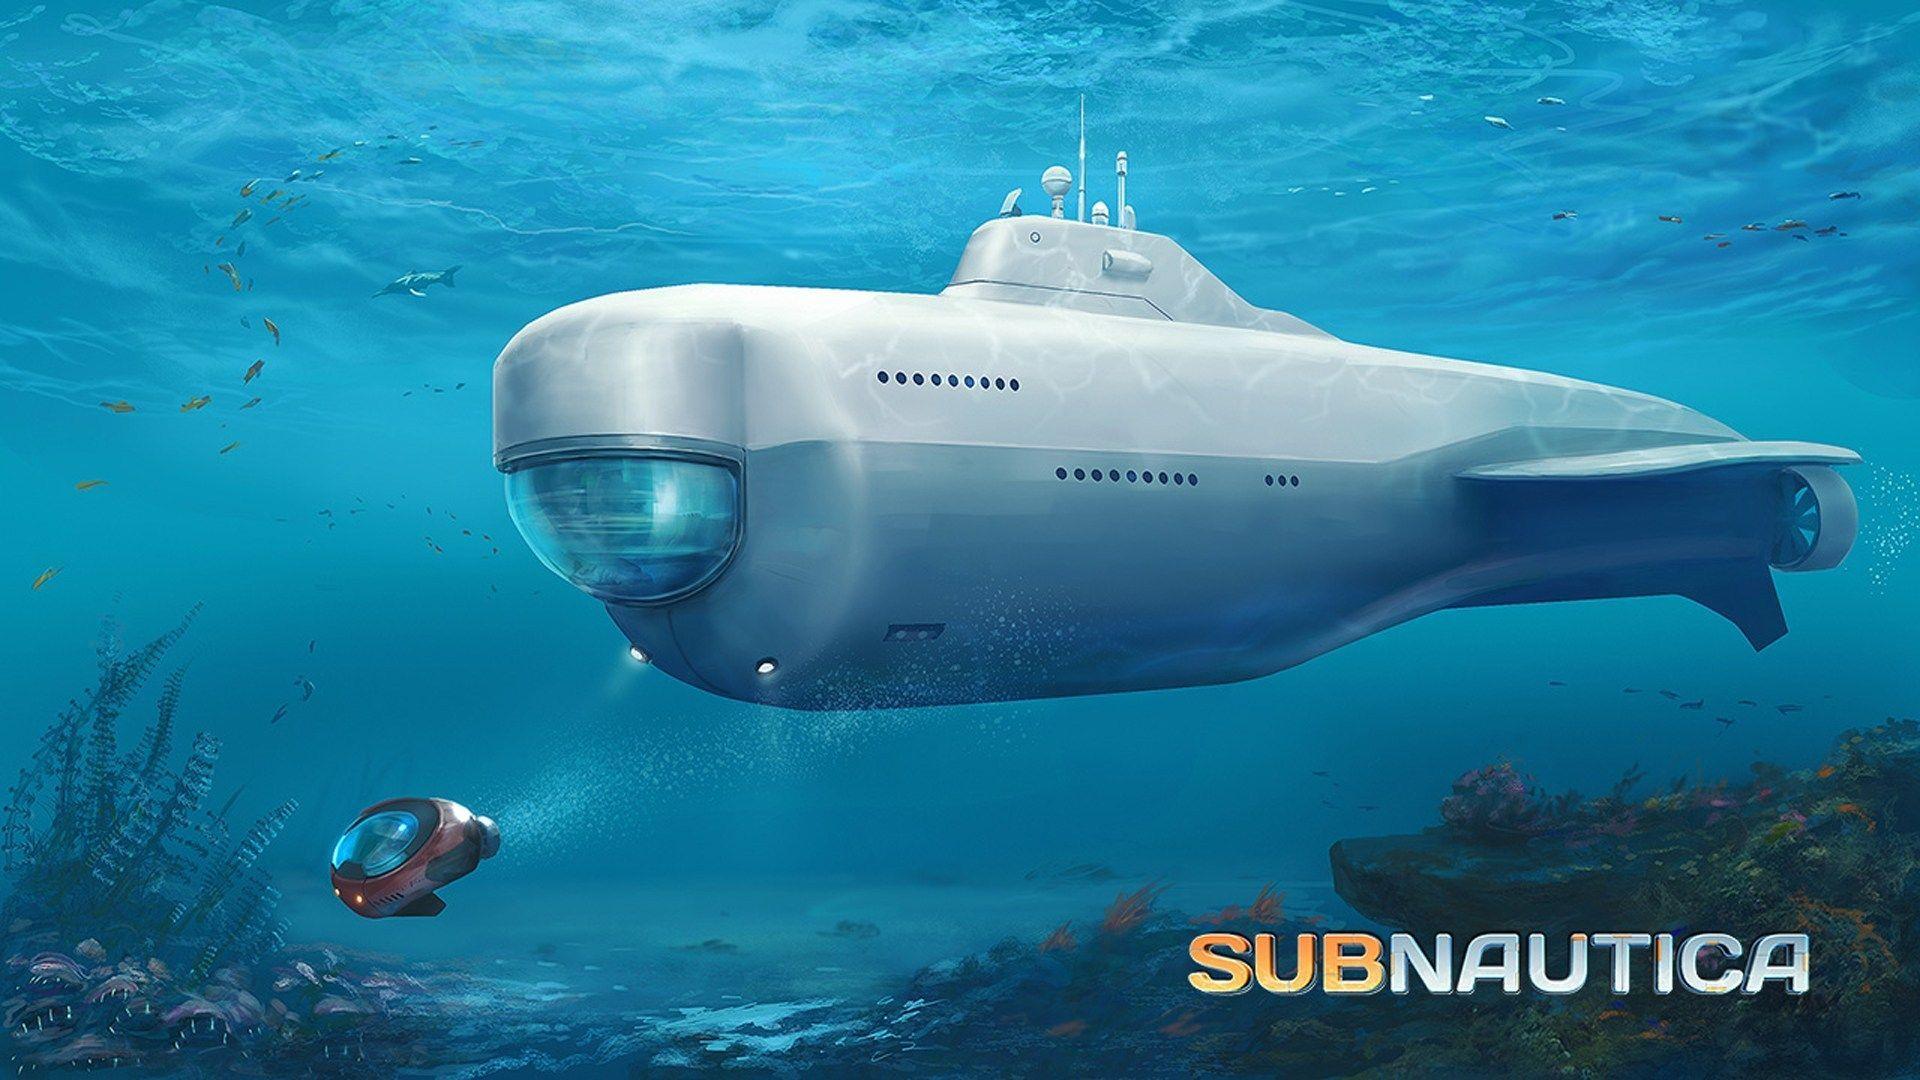 خمس ألعاب إضافية ننصحك بها فى شهر رمضان Subnautica Concept Art Submarines Concept Art